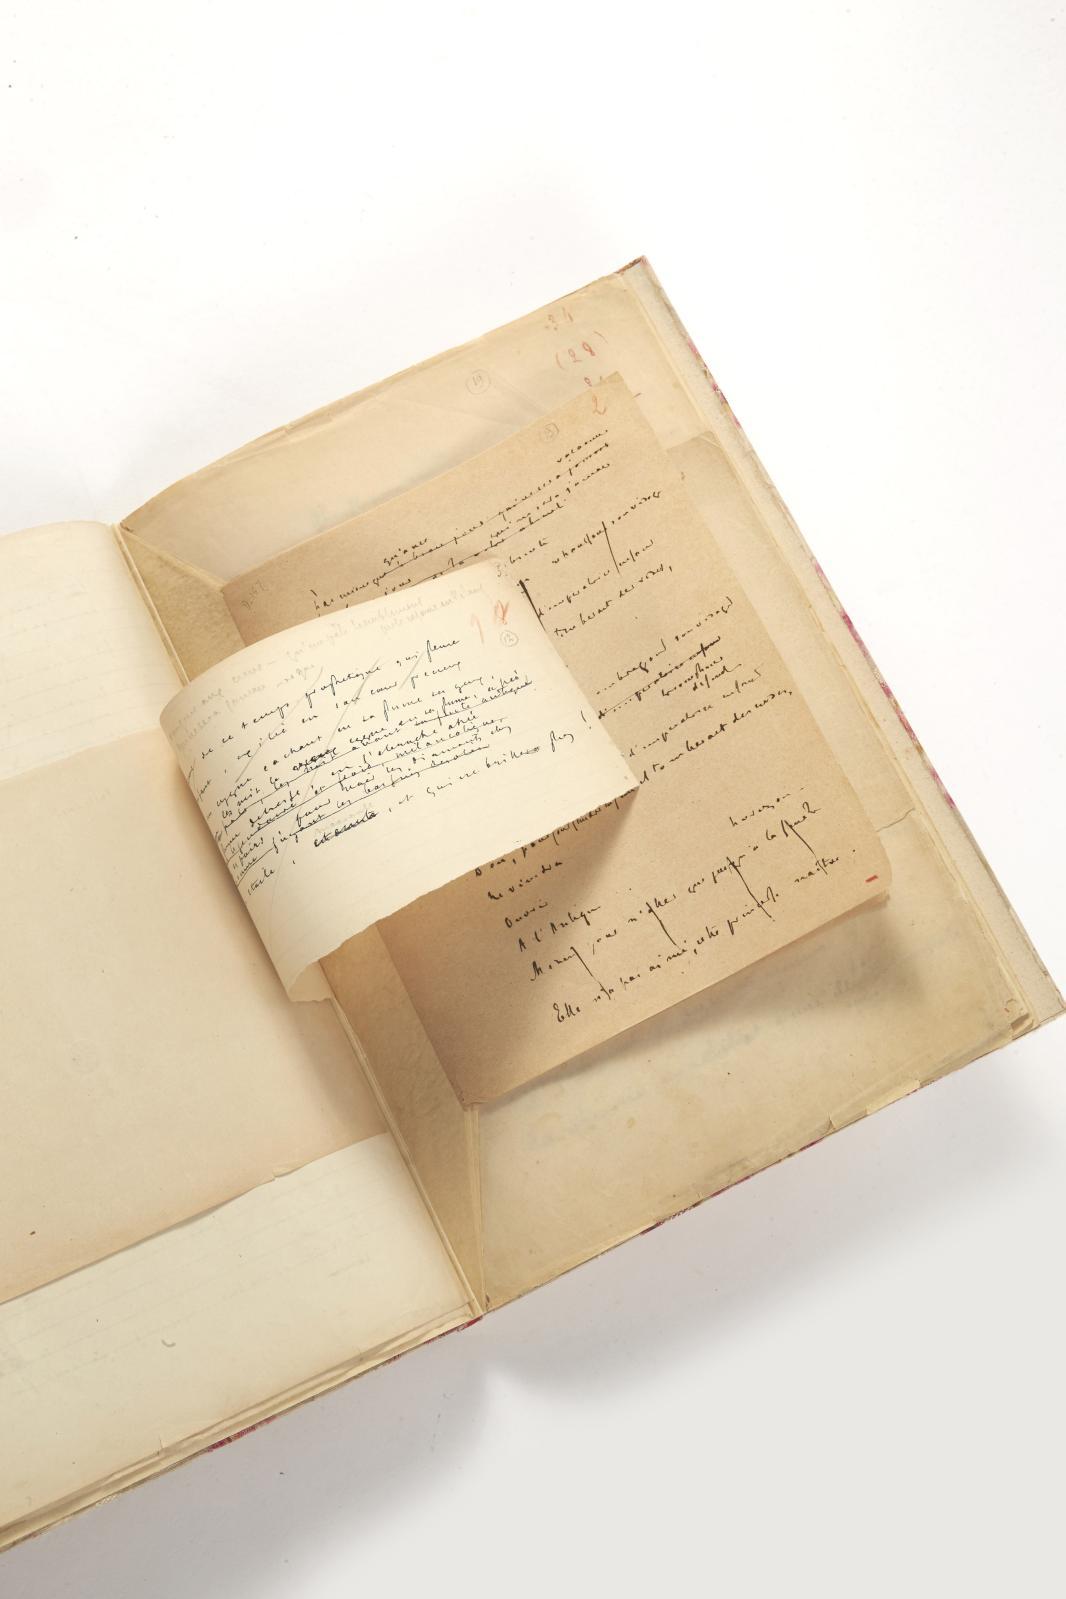 Stéphane Mallarmé (1842-1898), Les Noces d'Hérodiade, Mystère, manuscrit autographe de 116 feuillets sur papier fin de différents formats et un buvard